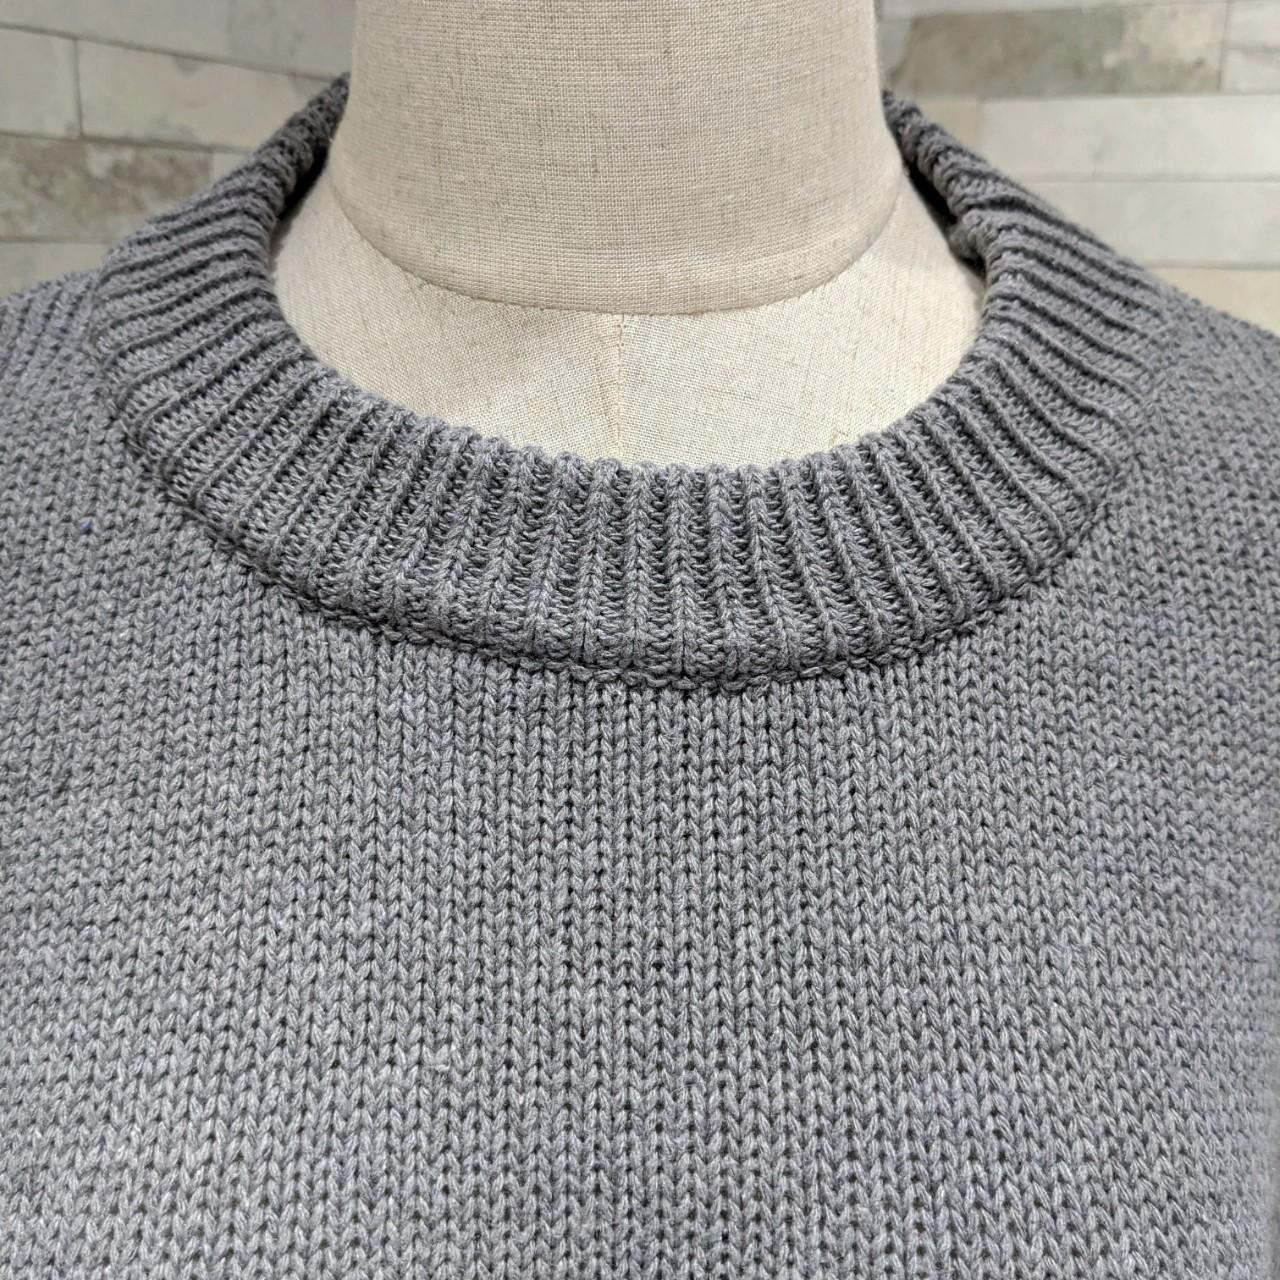 【即納】韓国 ファッション ワンピース 秋 冬 カジュアル SPTXH166  ゆったり リブニットワンピ ビッグシルエット オルチャン シンプル 定番 セレカジの写真8枚目